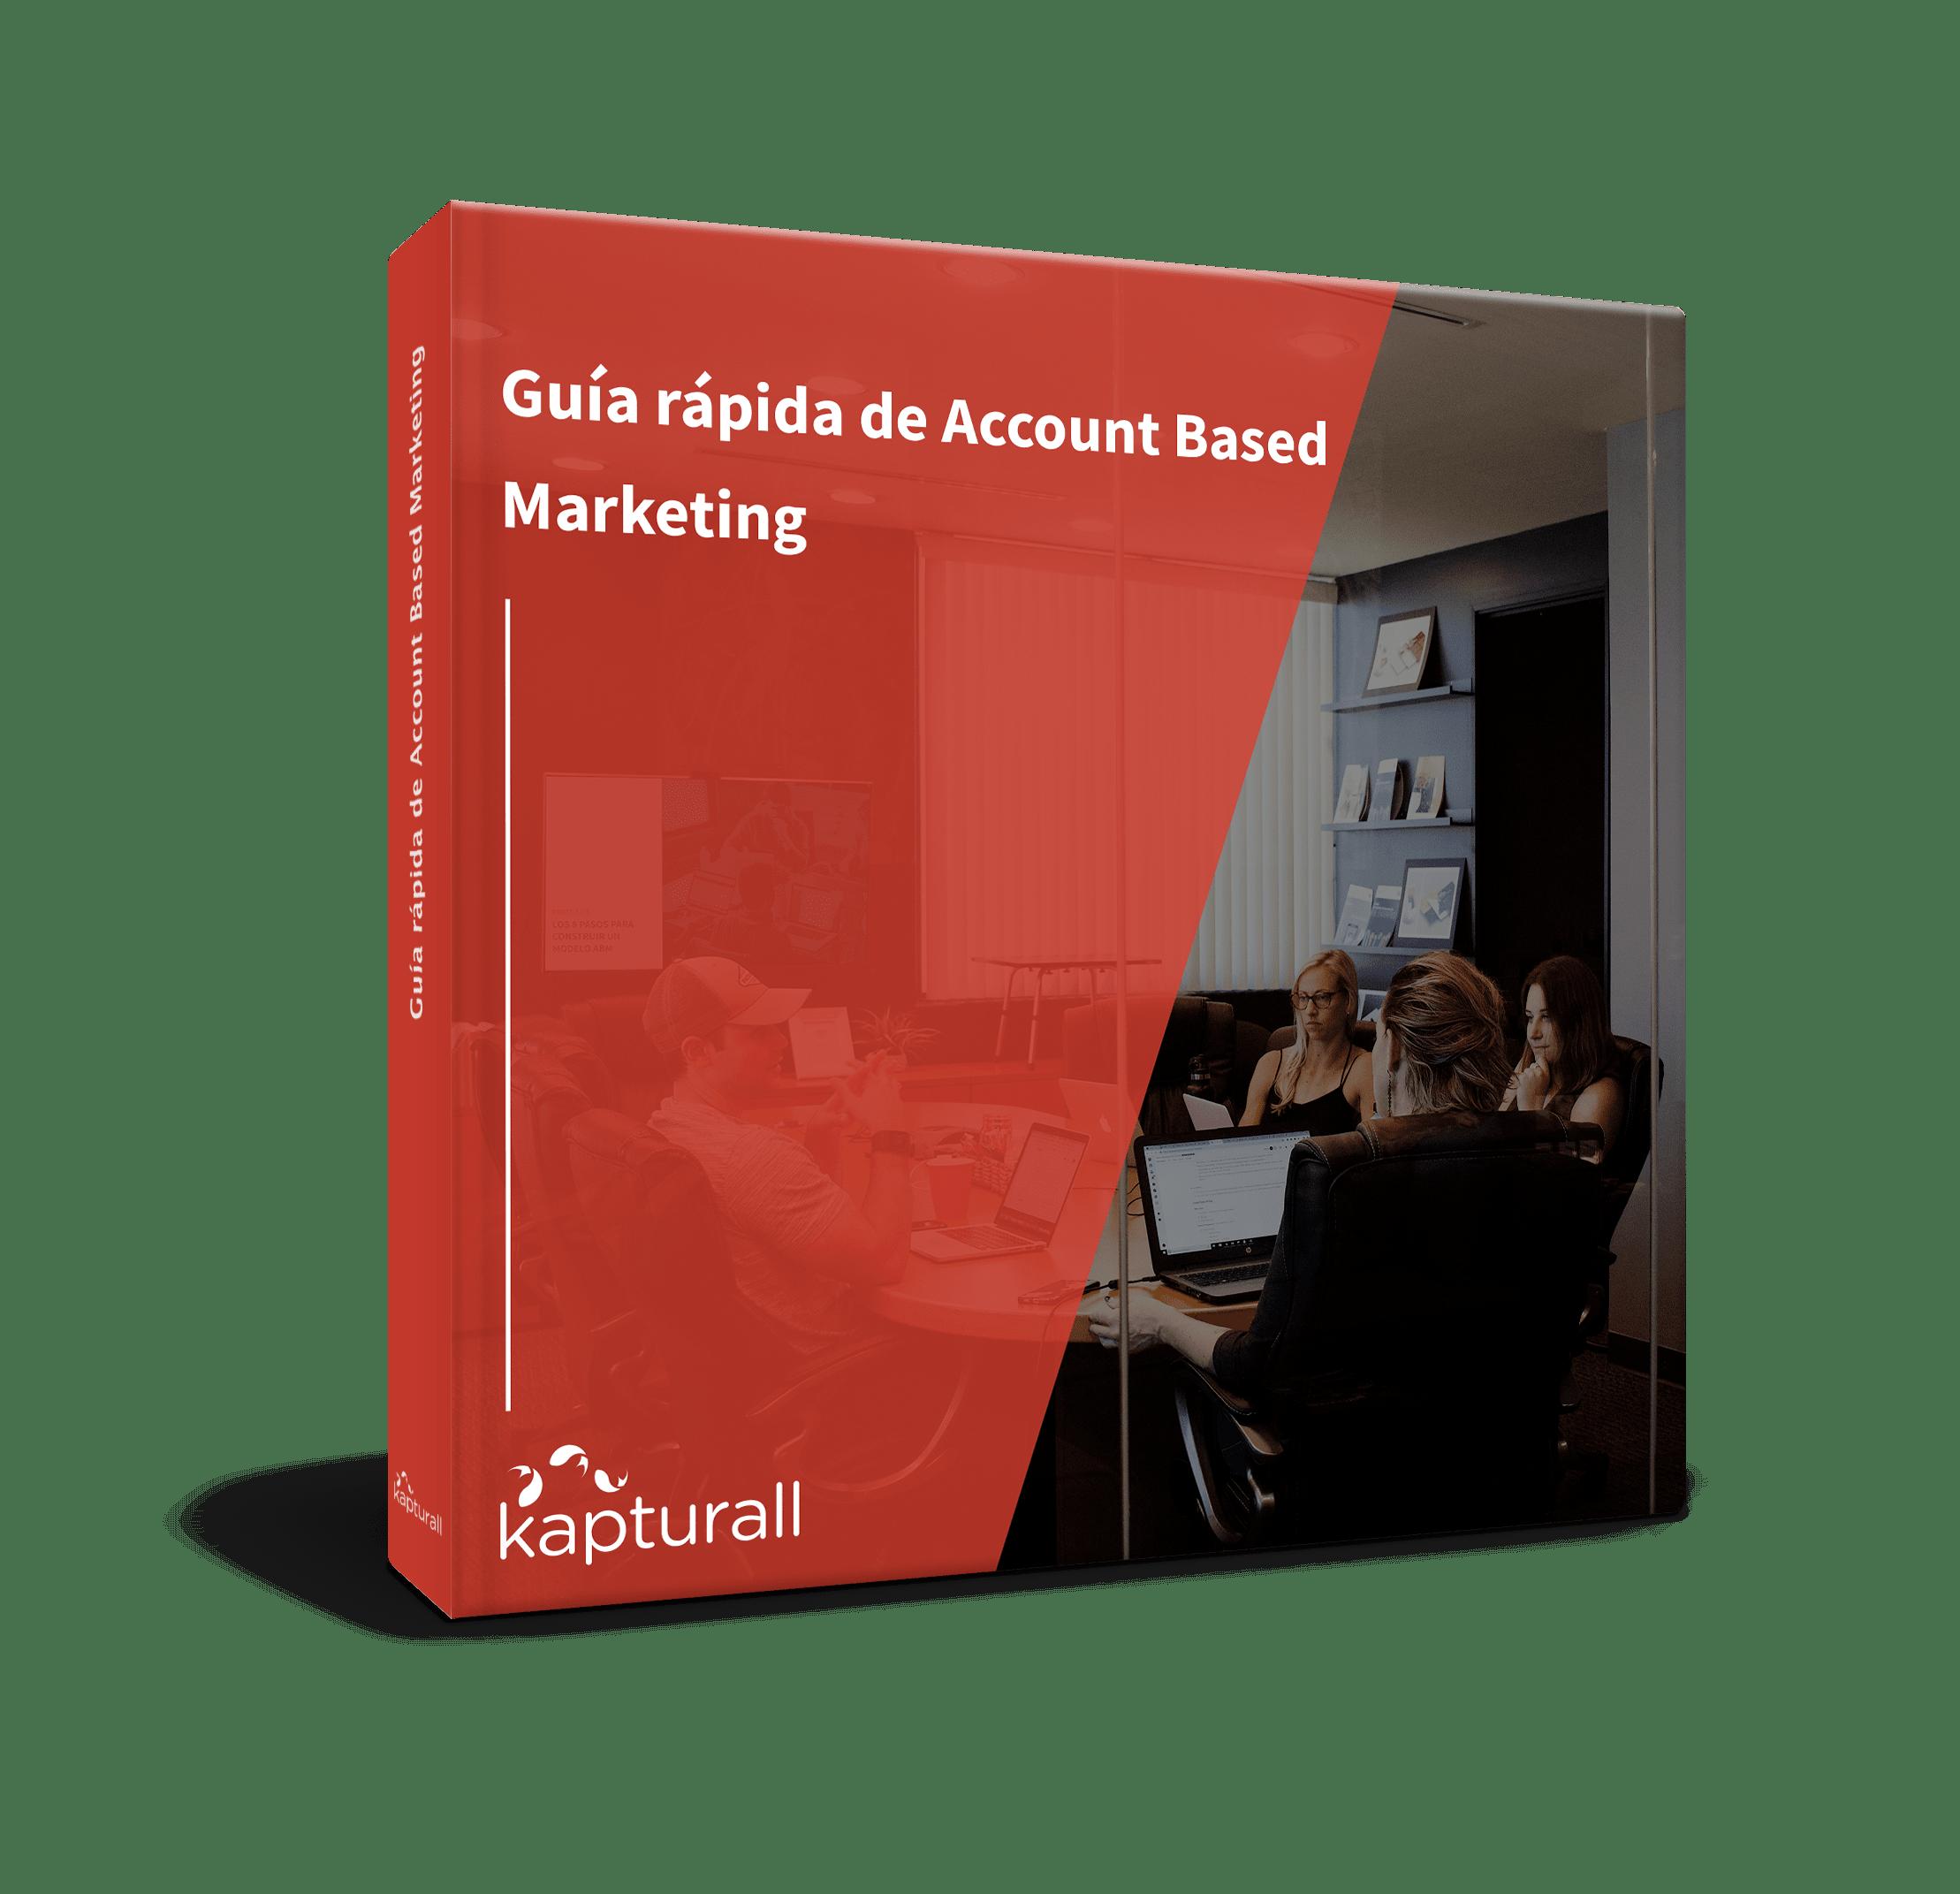 Guía rápida de Account Based Marketing